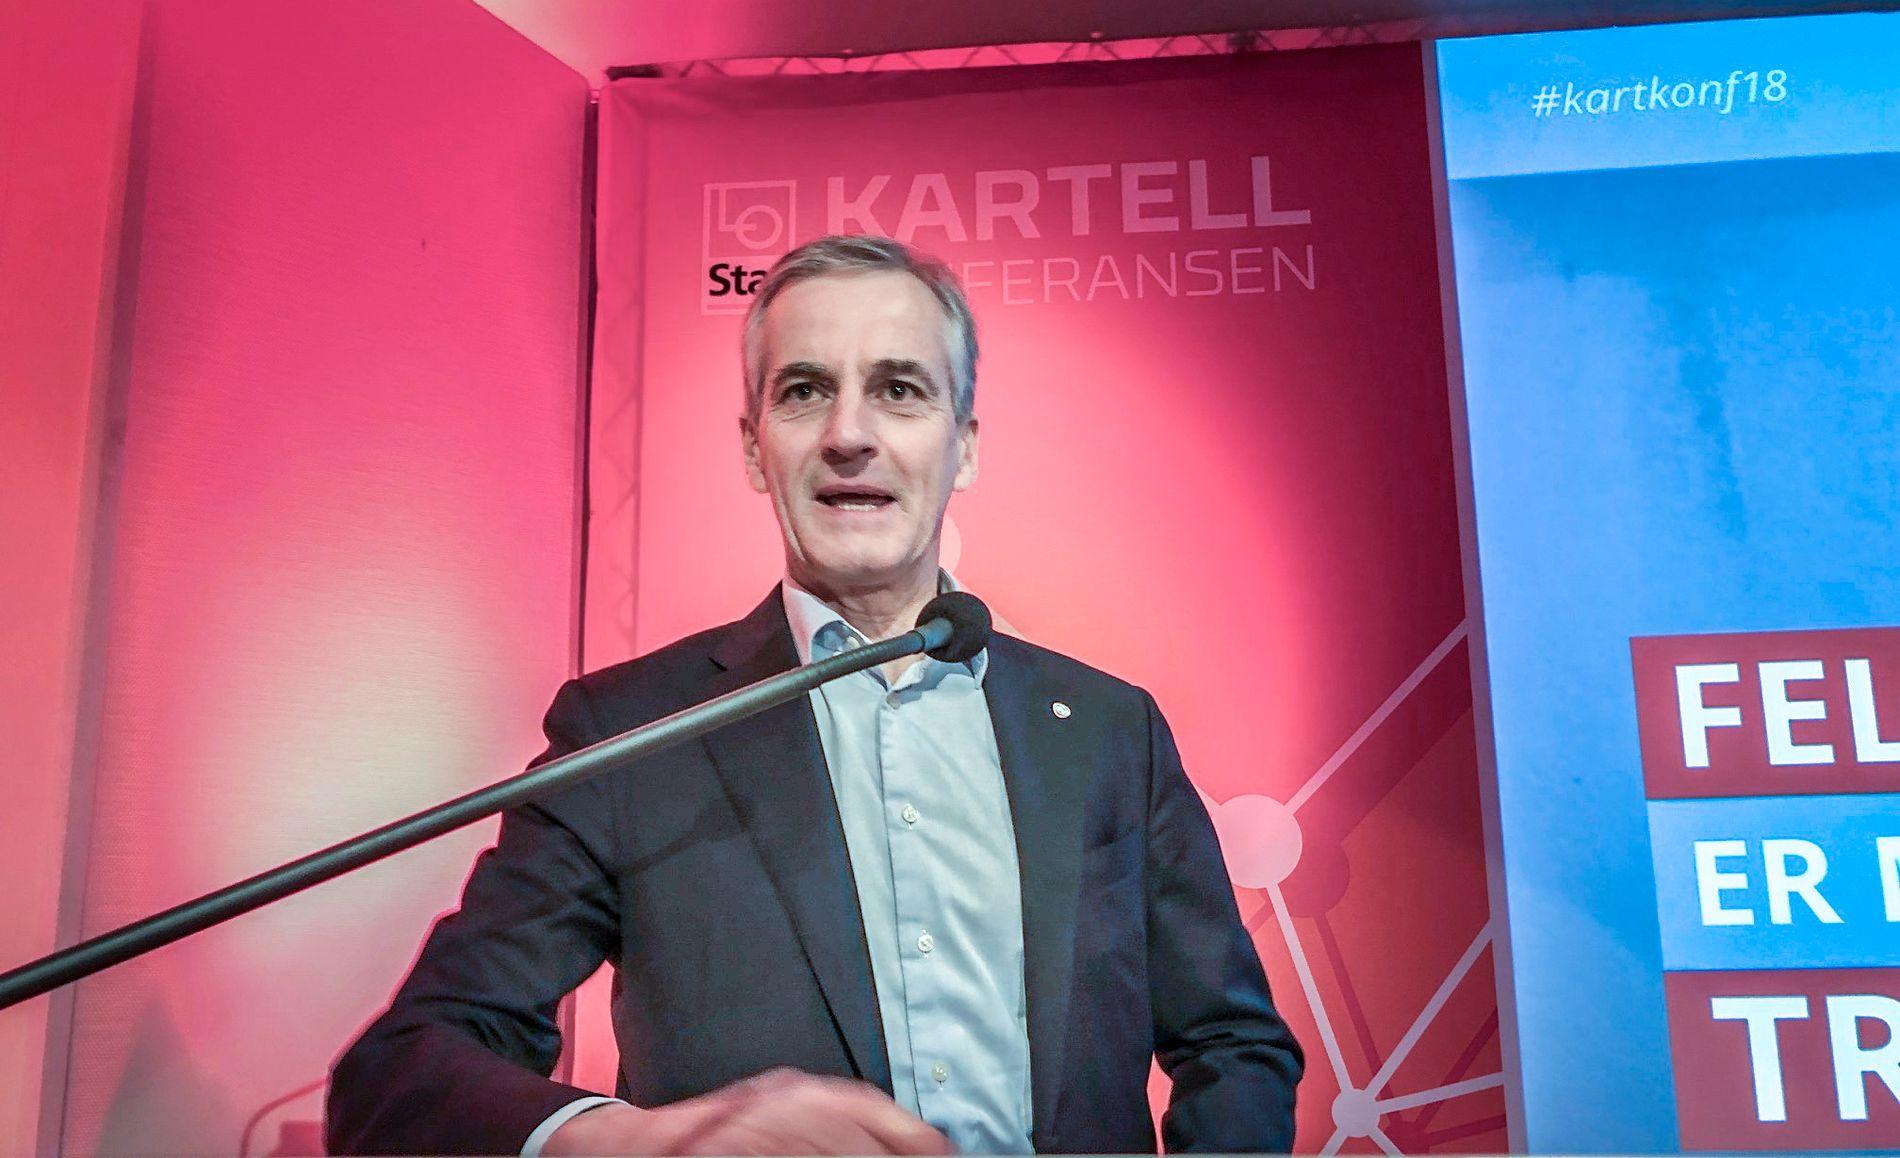 ALLE PÅ NETT? – Alle de skandinaviske landene skal over på 5G-nett, og vi har alle ambisjon om å holde oss i den digitale eliteserien. Skal vi gjøre det hver for oss, eller tenke samarbeid, spør Ap-lederen.